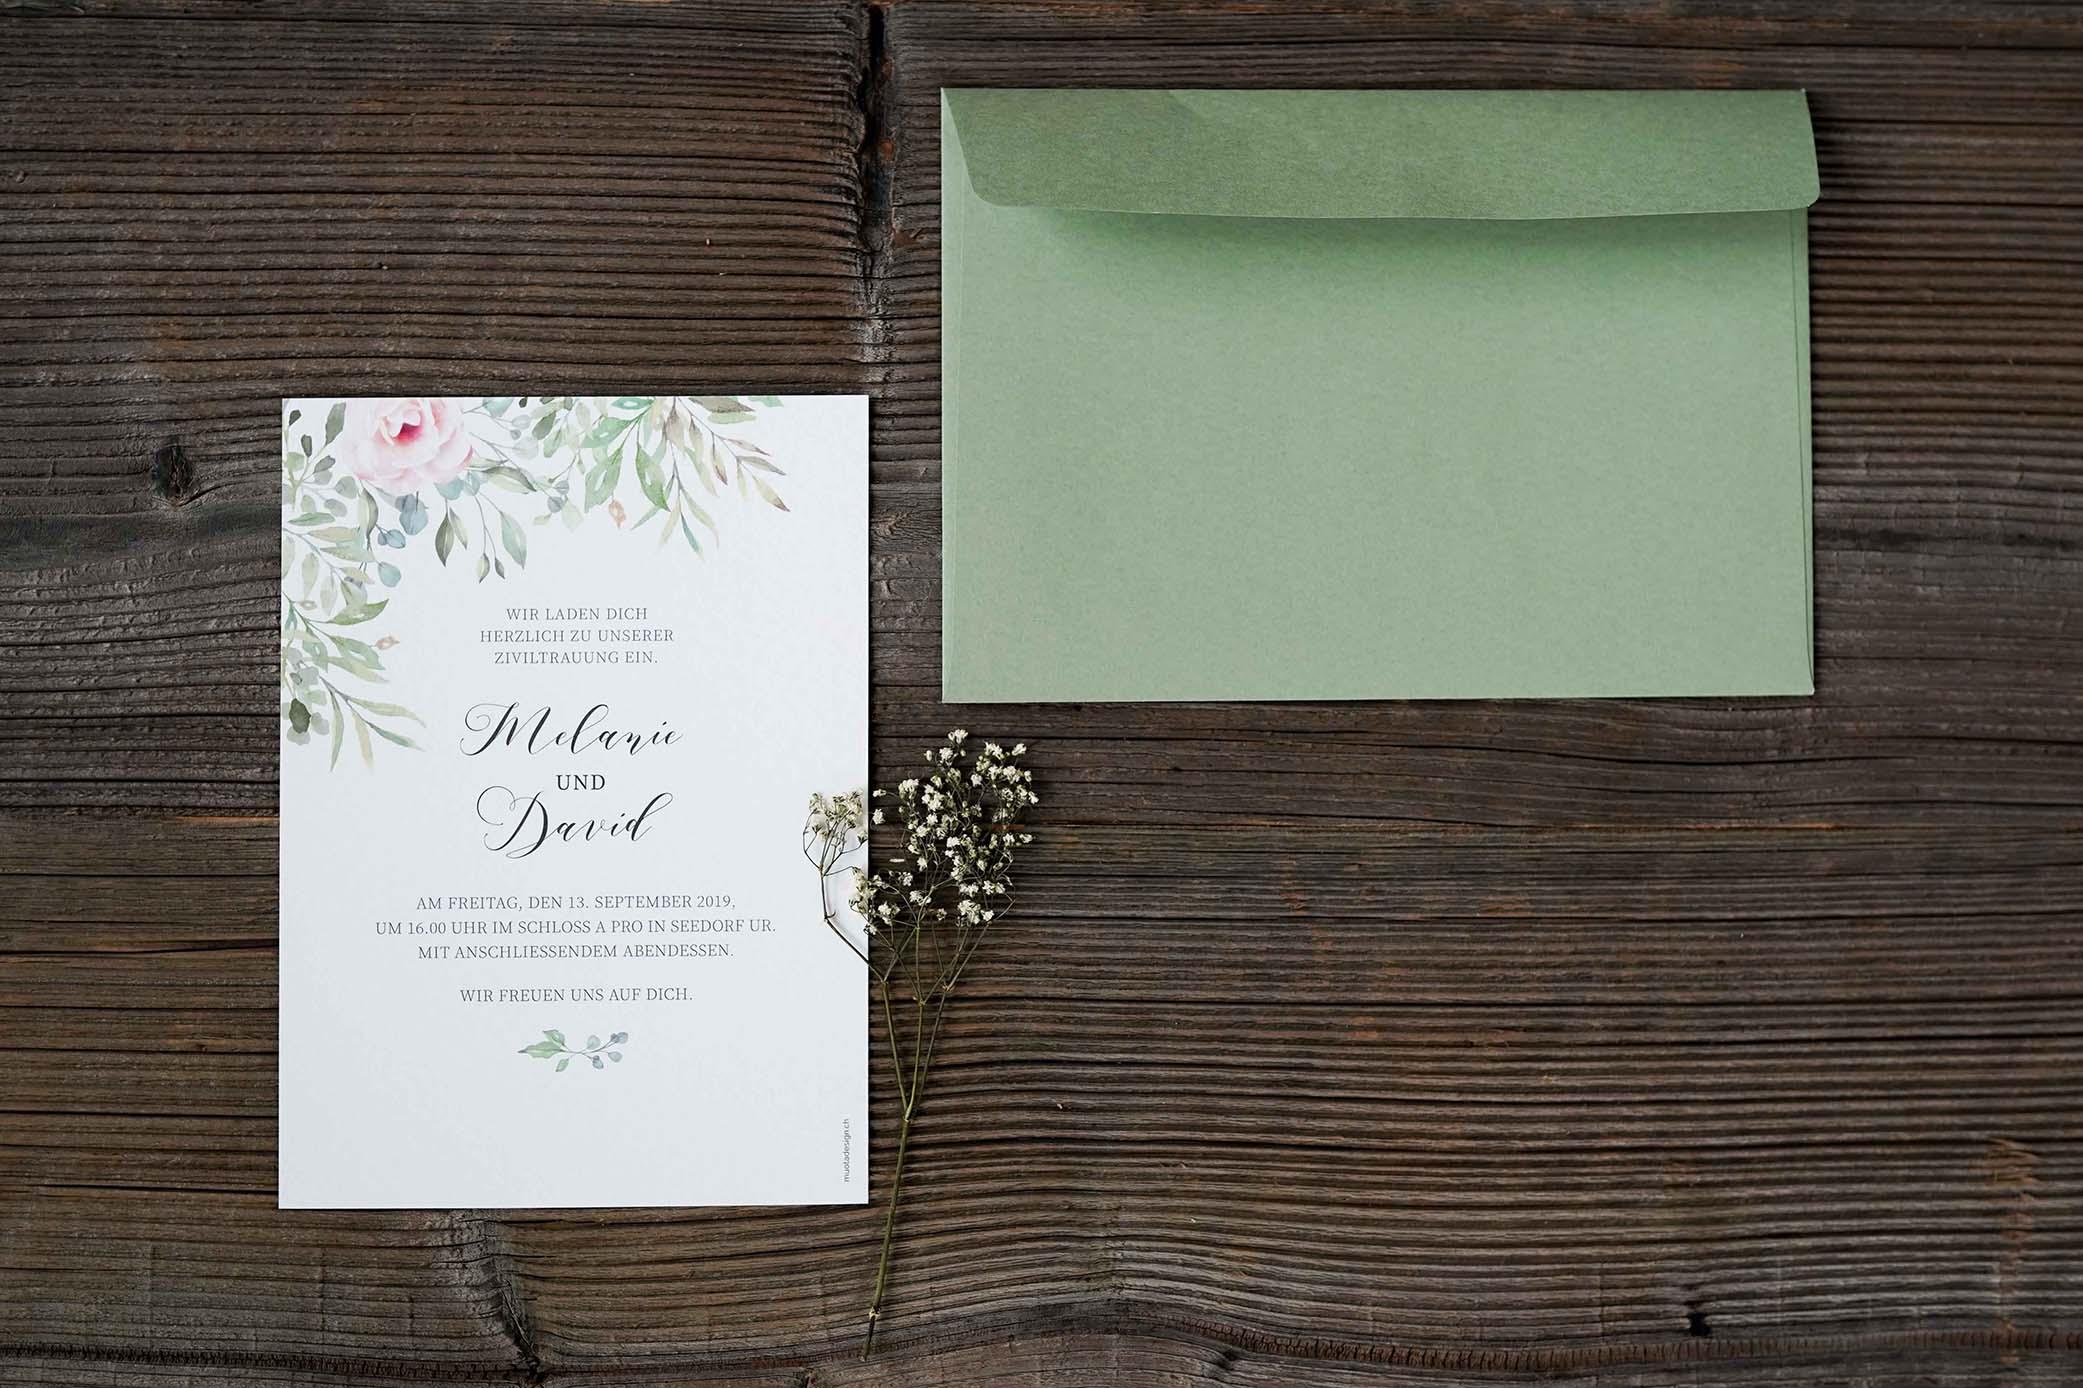 Hochzeitdankeskarte von Erwin und Tanja Betschart